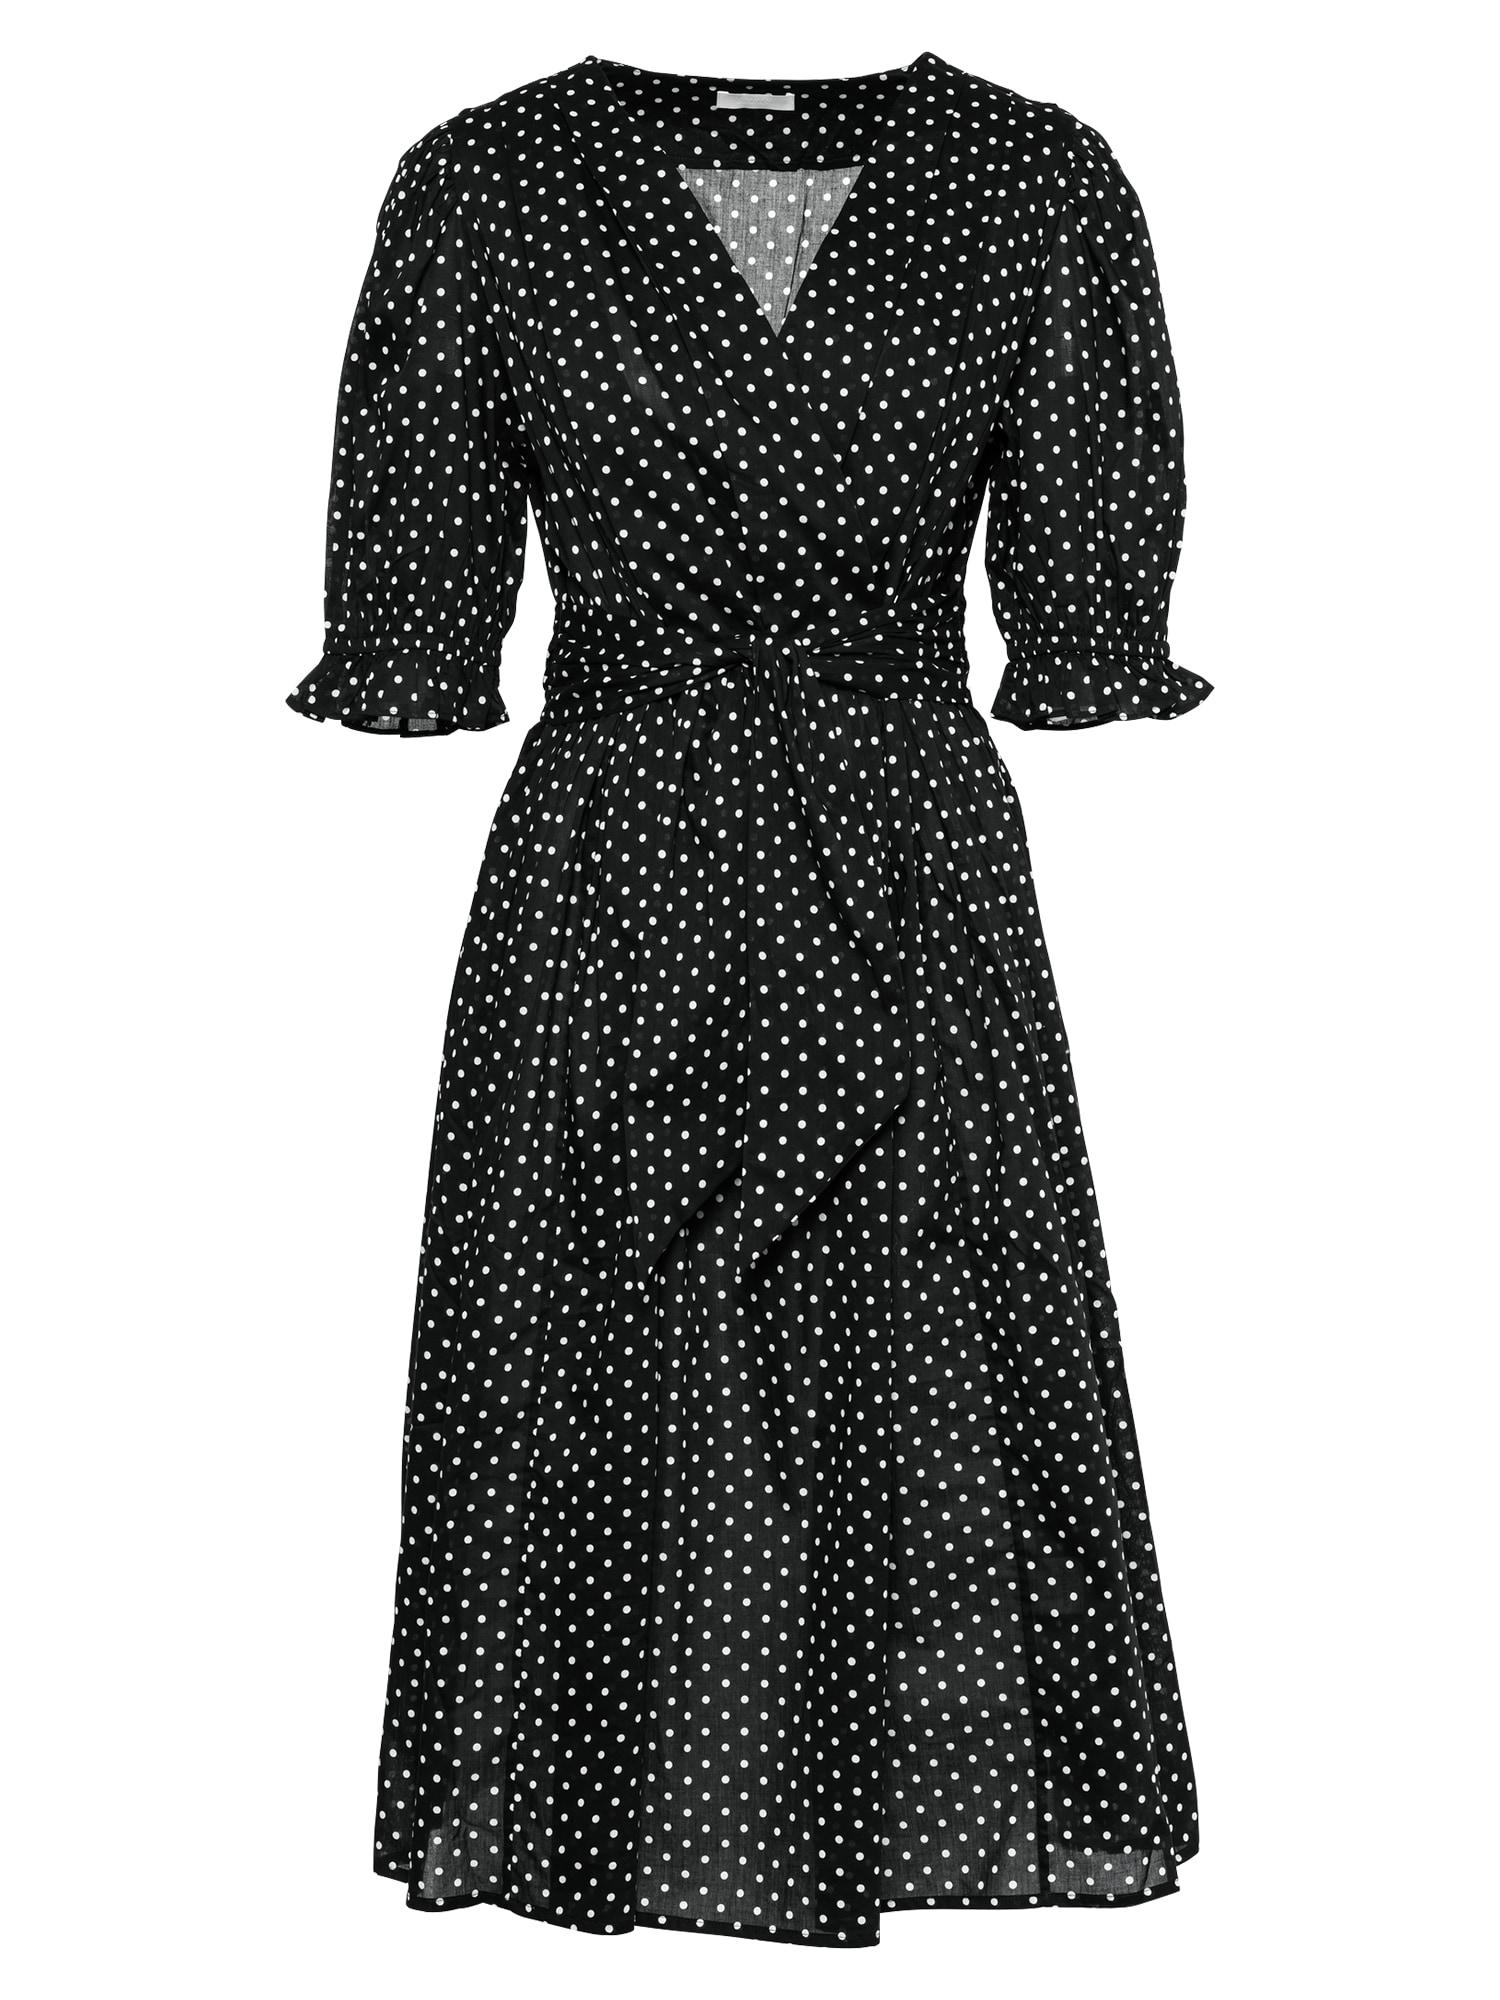 2NDDAY Palaidinės tipo suknelė